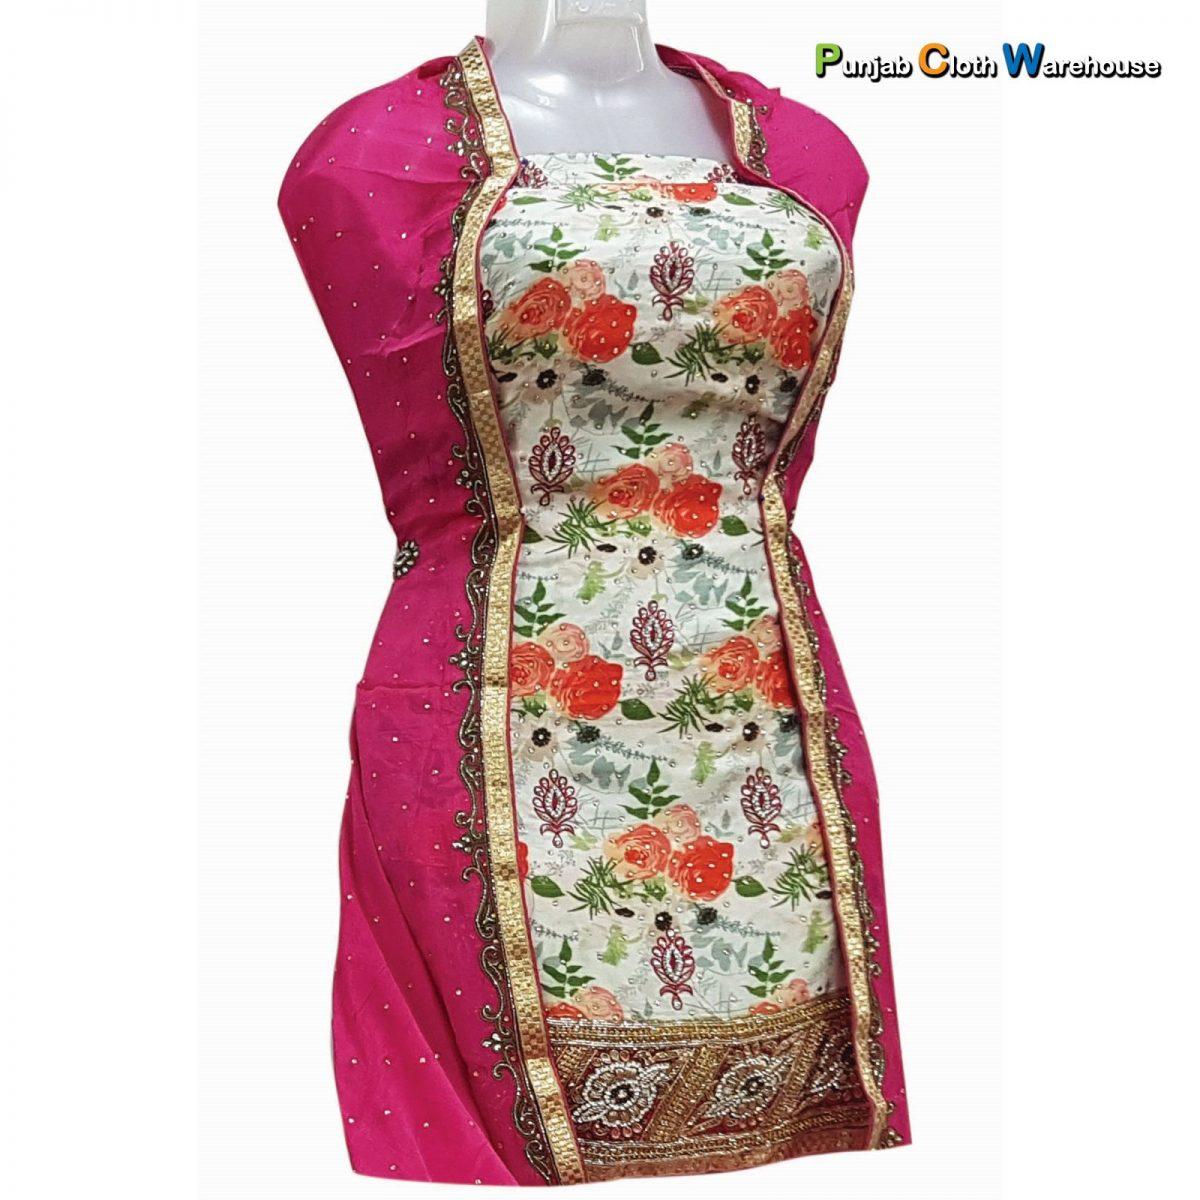 Ladies Suits - Cut Piece - Punjab Cloth Warehouse, Surrey (22)